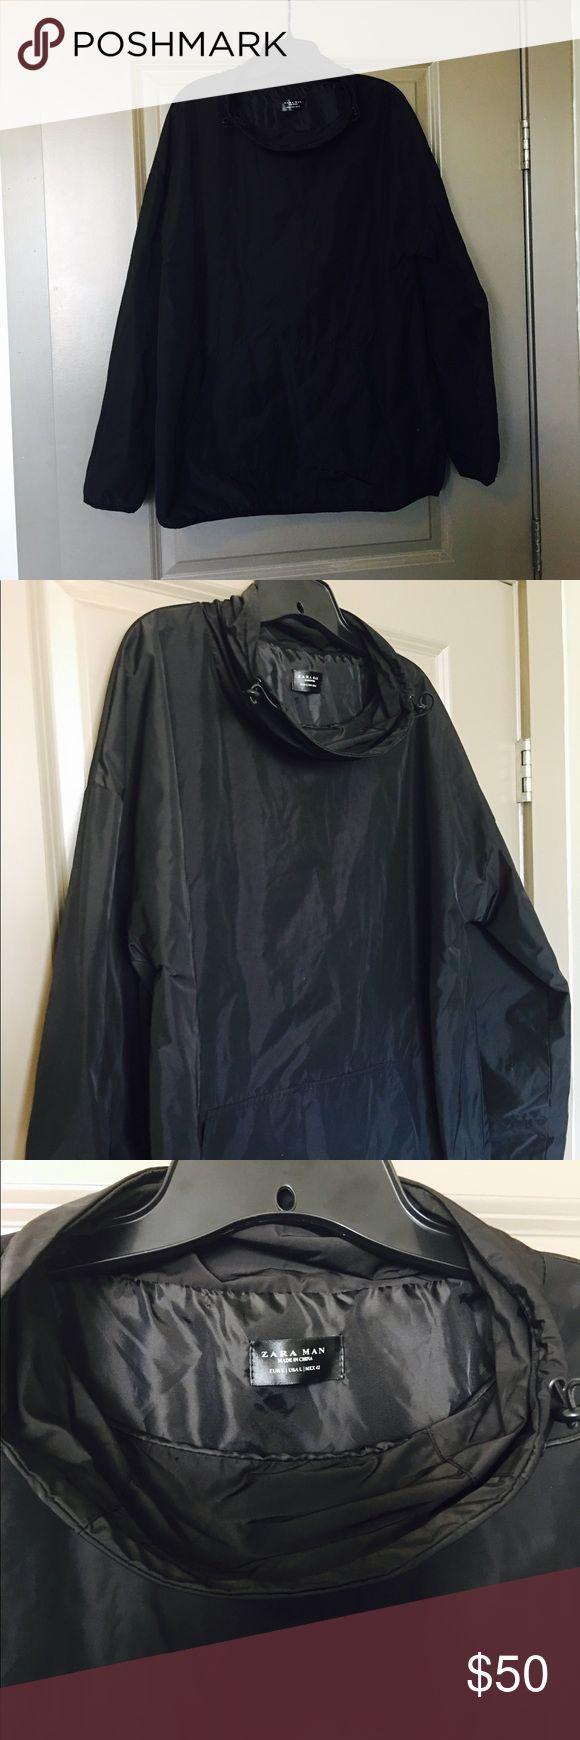 🎉SALE🎉Zara Windbreaker Zara men's size L black adjustable shawl-neck windbreaker. Brand new with tags. Very unique! Zara Jackets & Coats Windbreakers